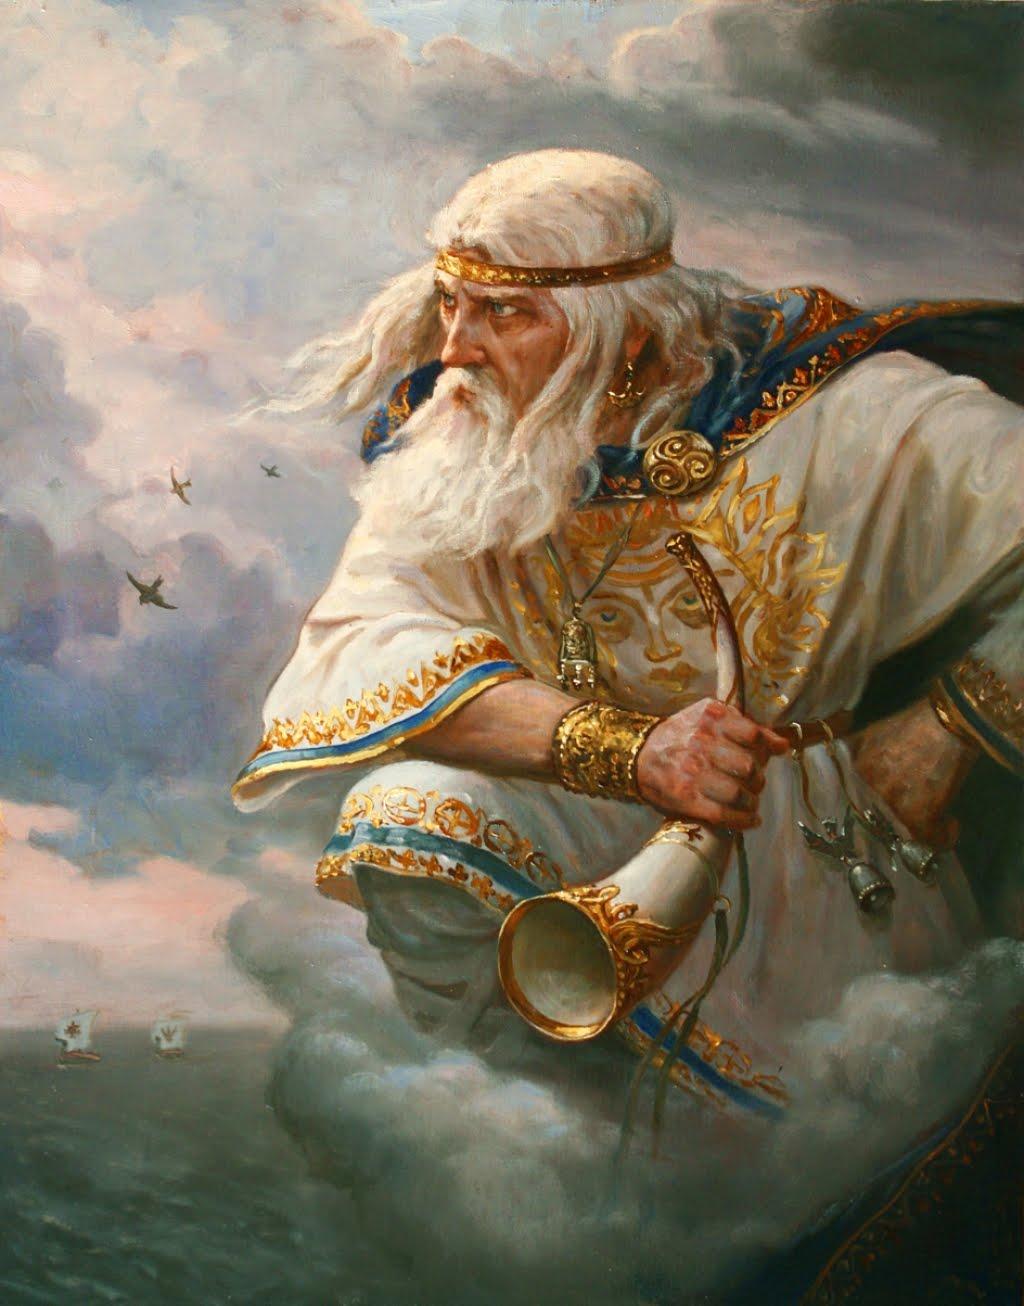 Бог ветра в славянской мифологии – Стрибог